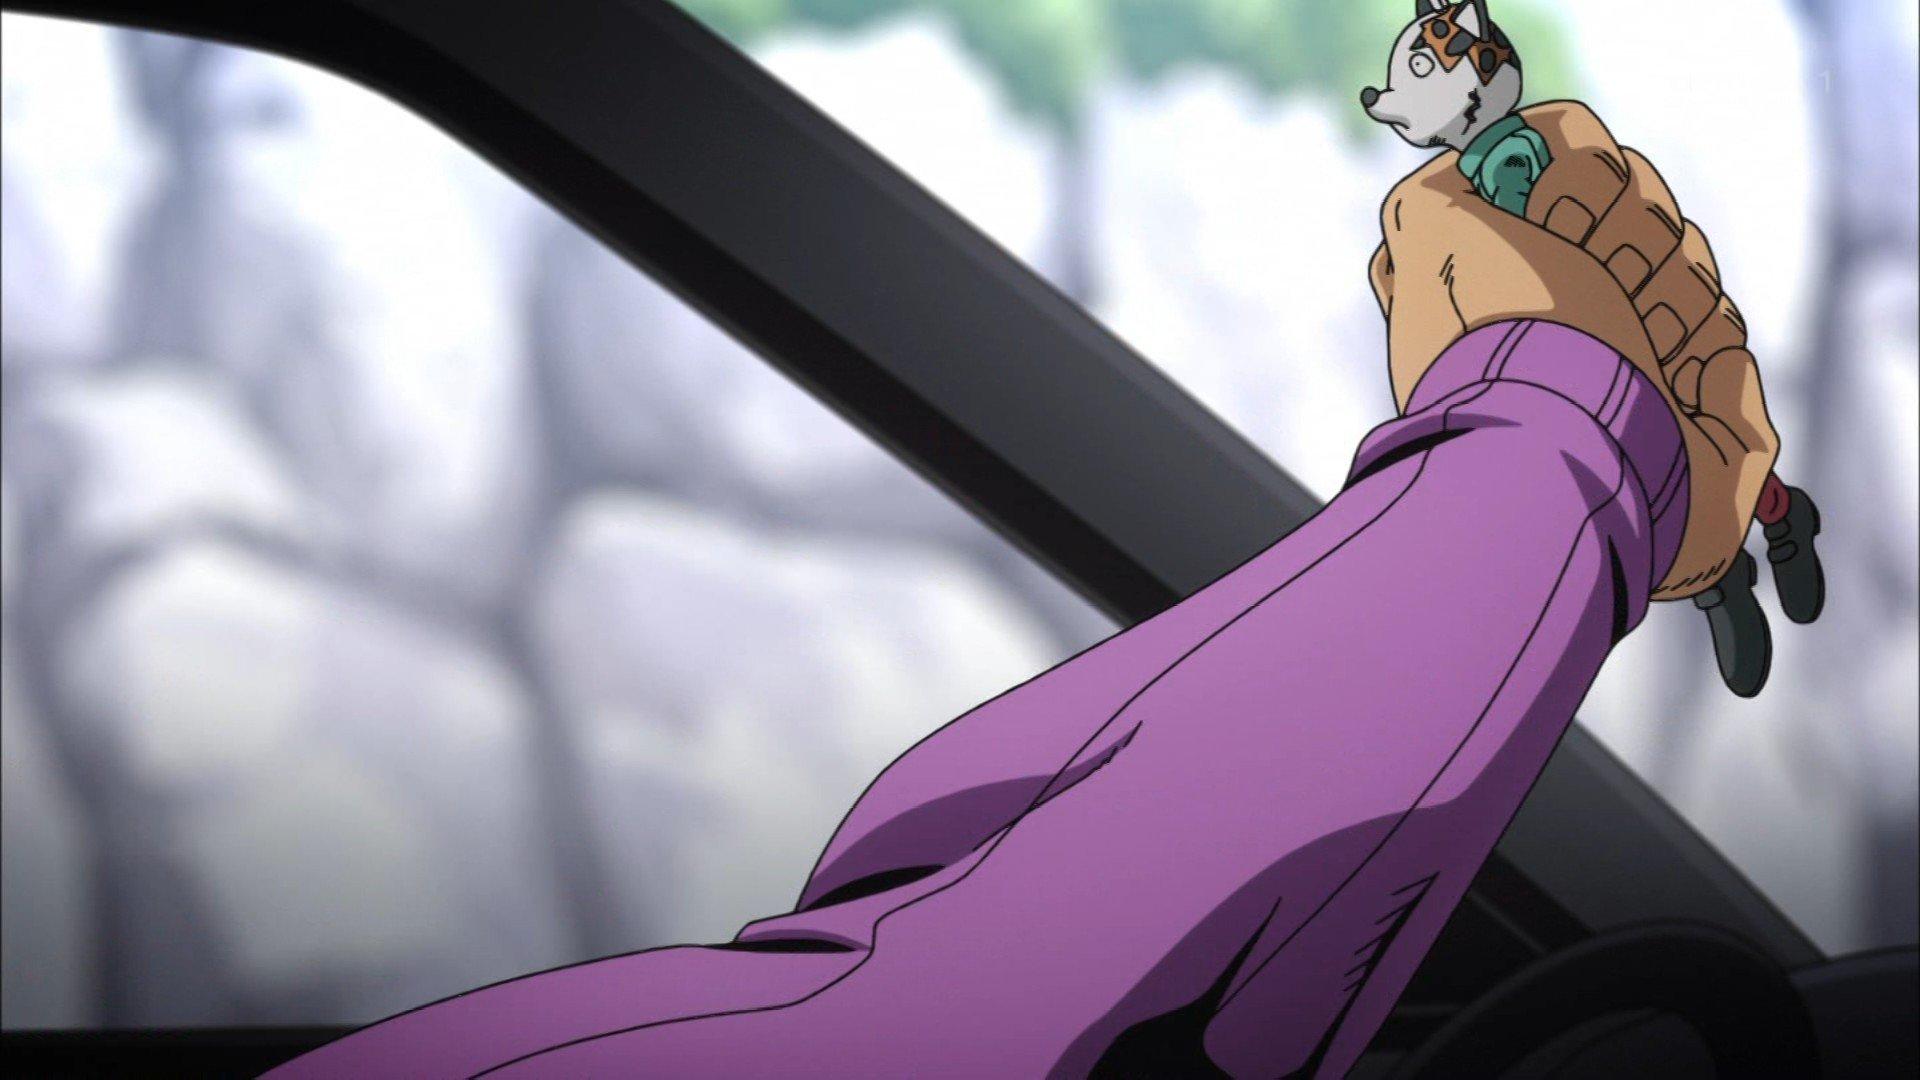 もしもし、はい、ドッピオです #jojo_anime https://t.co/oWOHjx1Tpp